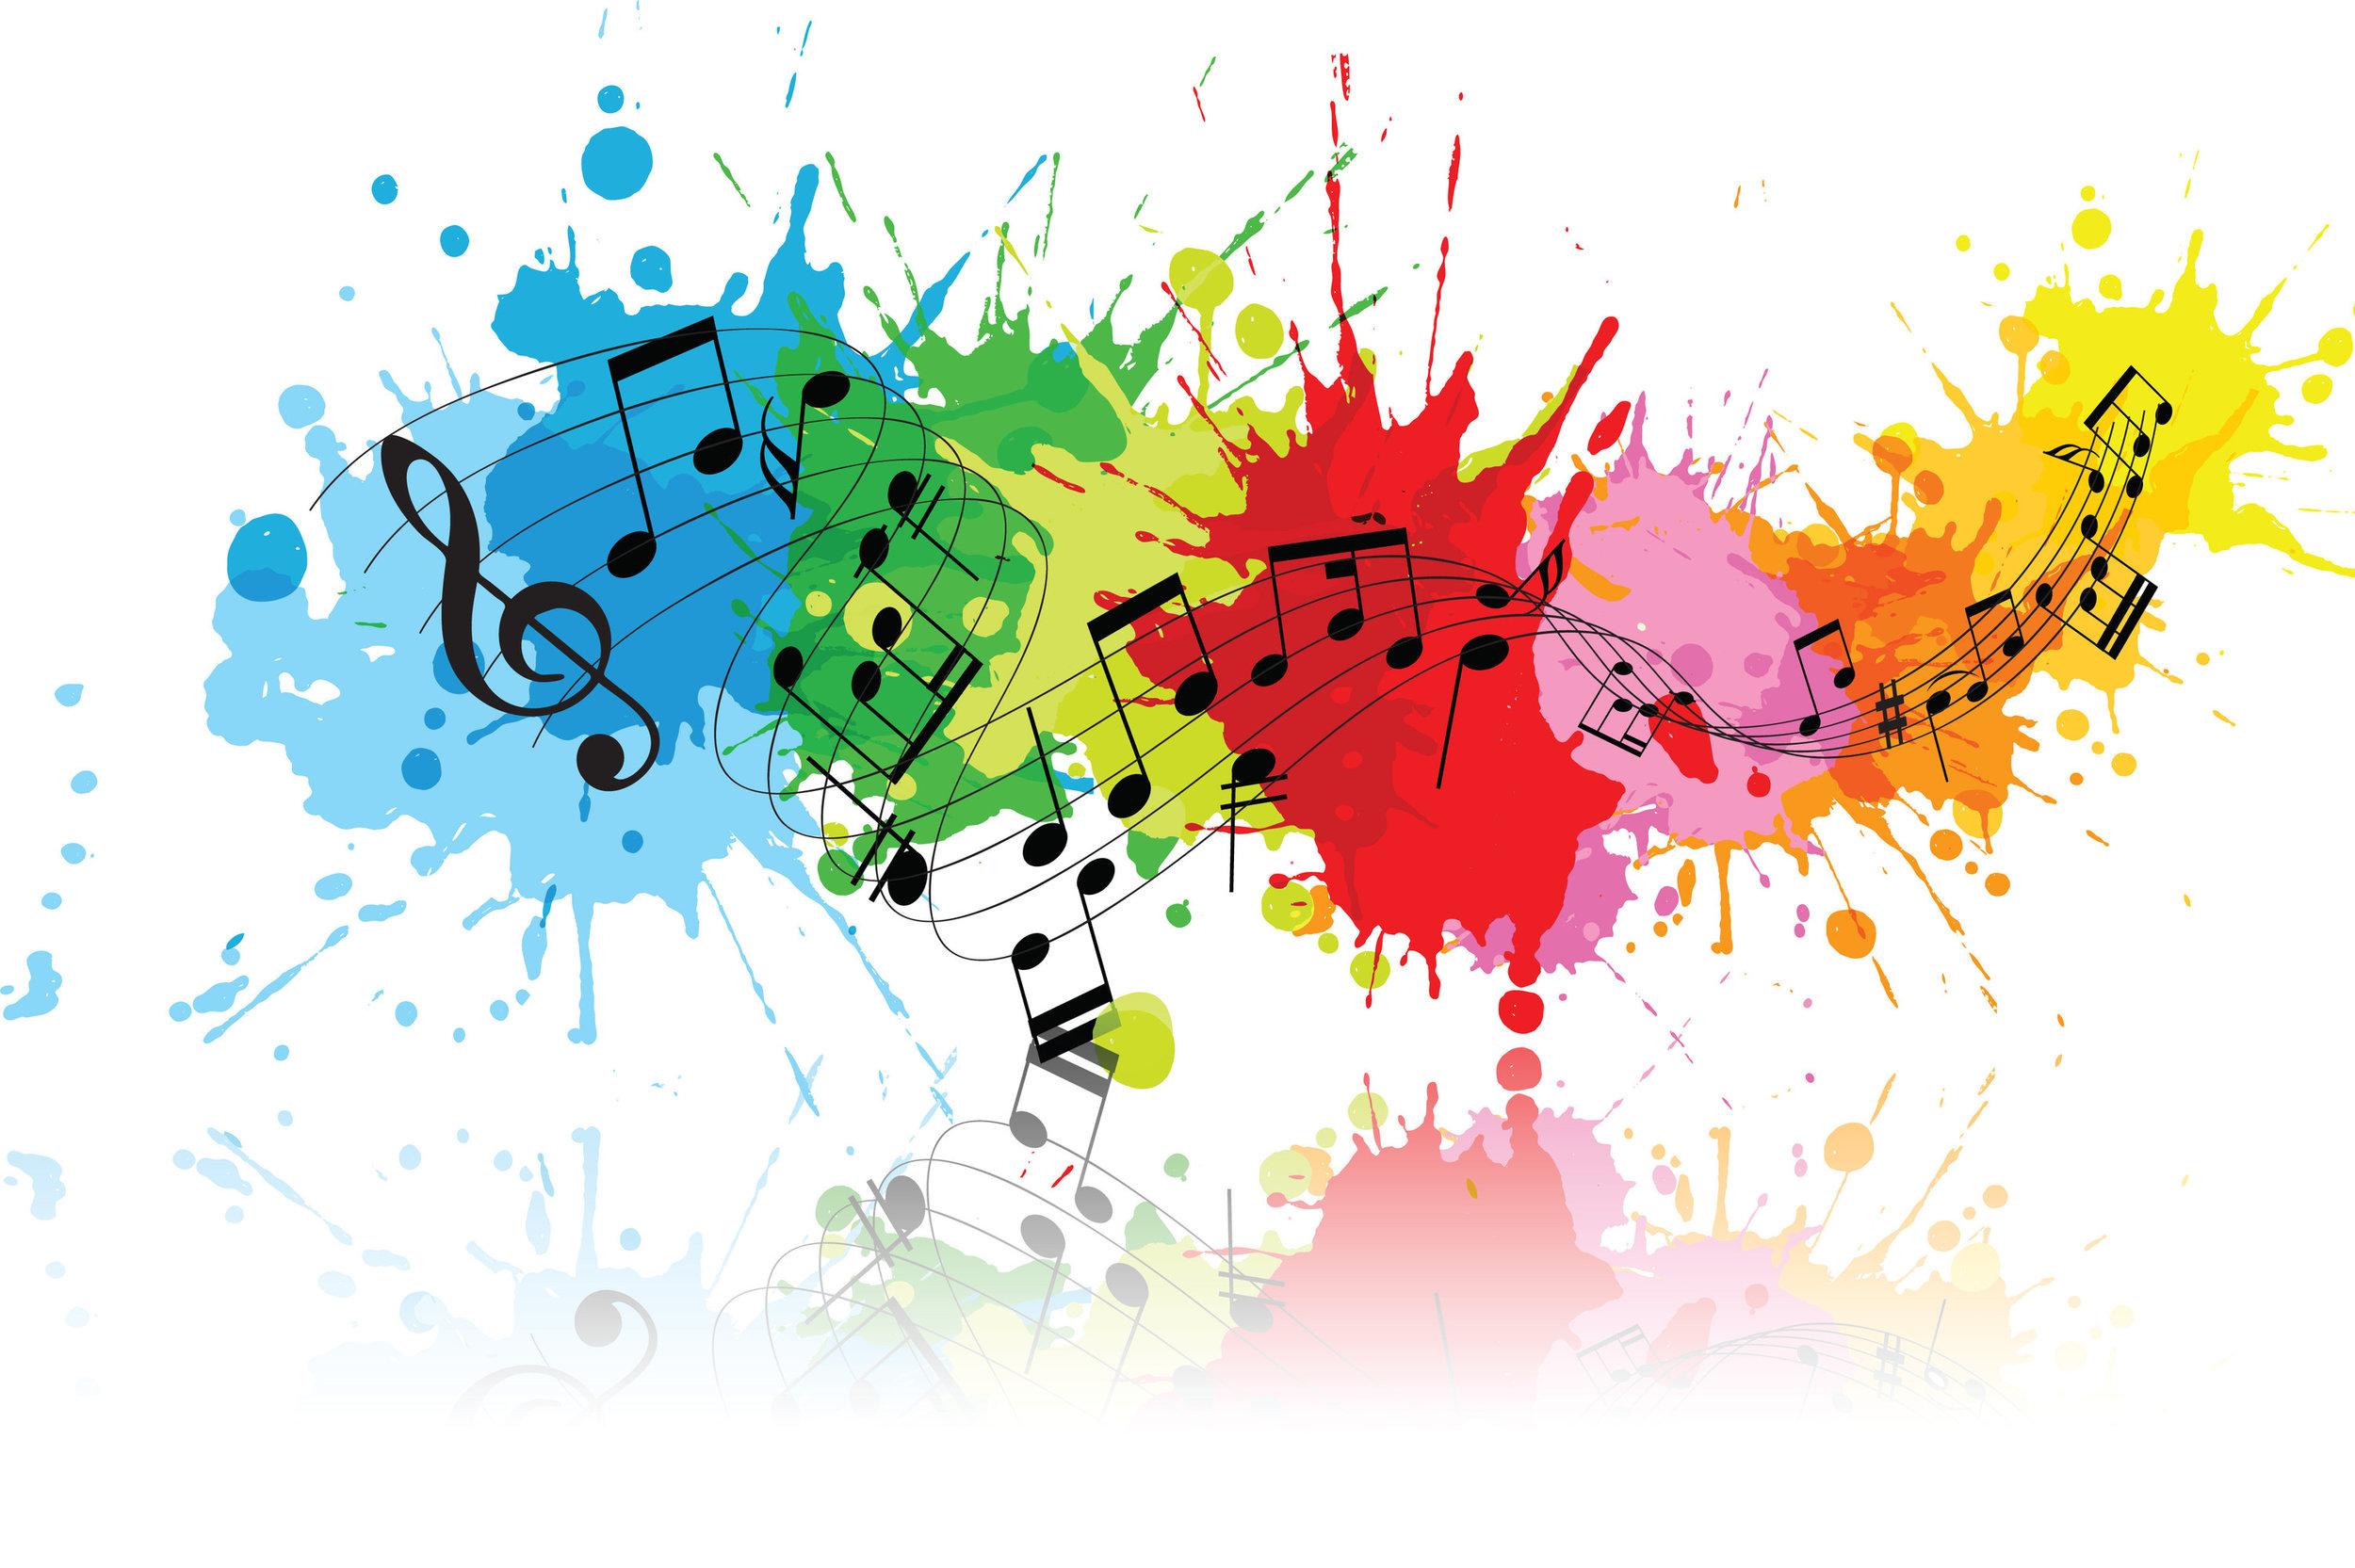 Winter Recital - Saturday, December 9, 2017Mary Pappert School of Music at Duquesne UniversityFeaturing: Dominica Quartet, Barefoot Quartet, Quartet 222, MetroGnomes, and Silver Bridges Quartet, Monongahela Quartet, Mercurial Quintet, Atonic Quintet, and Fidelis Trio